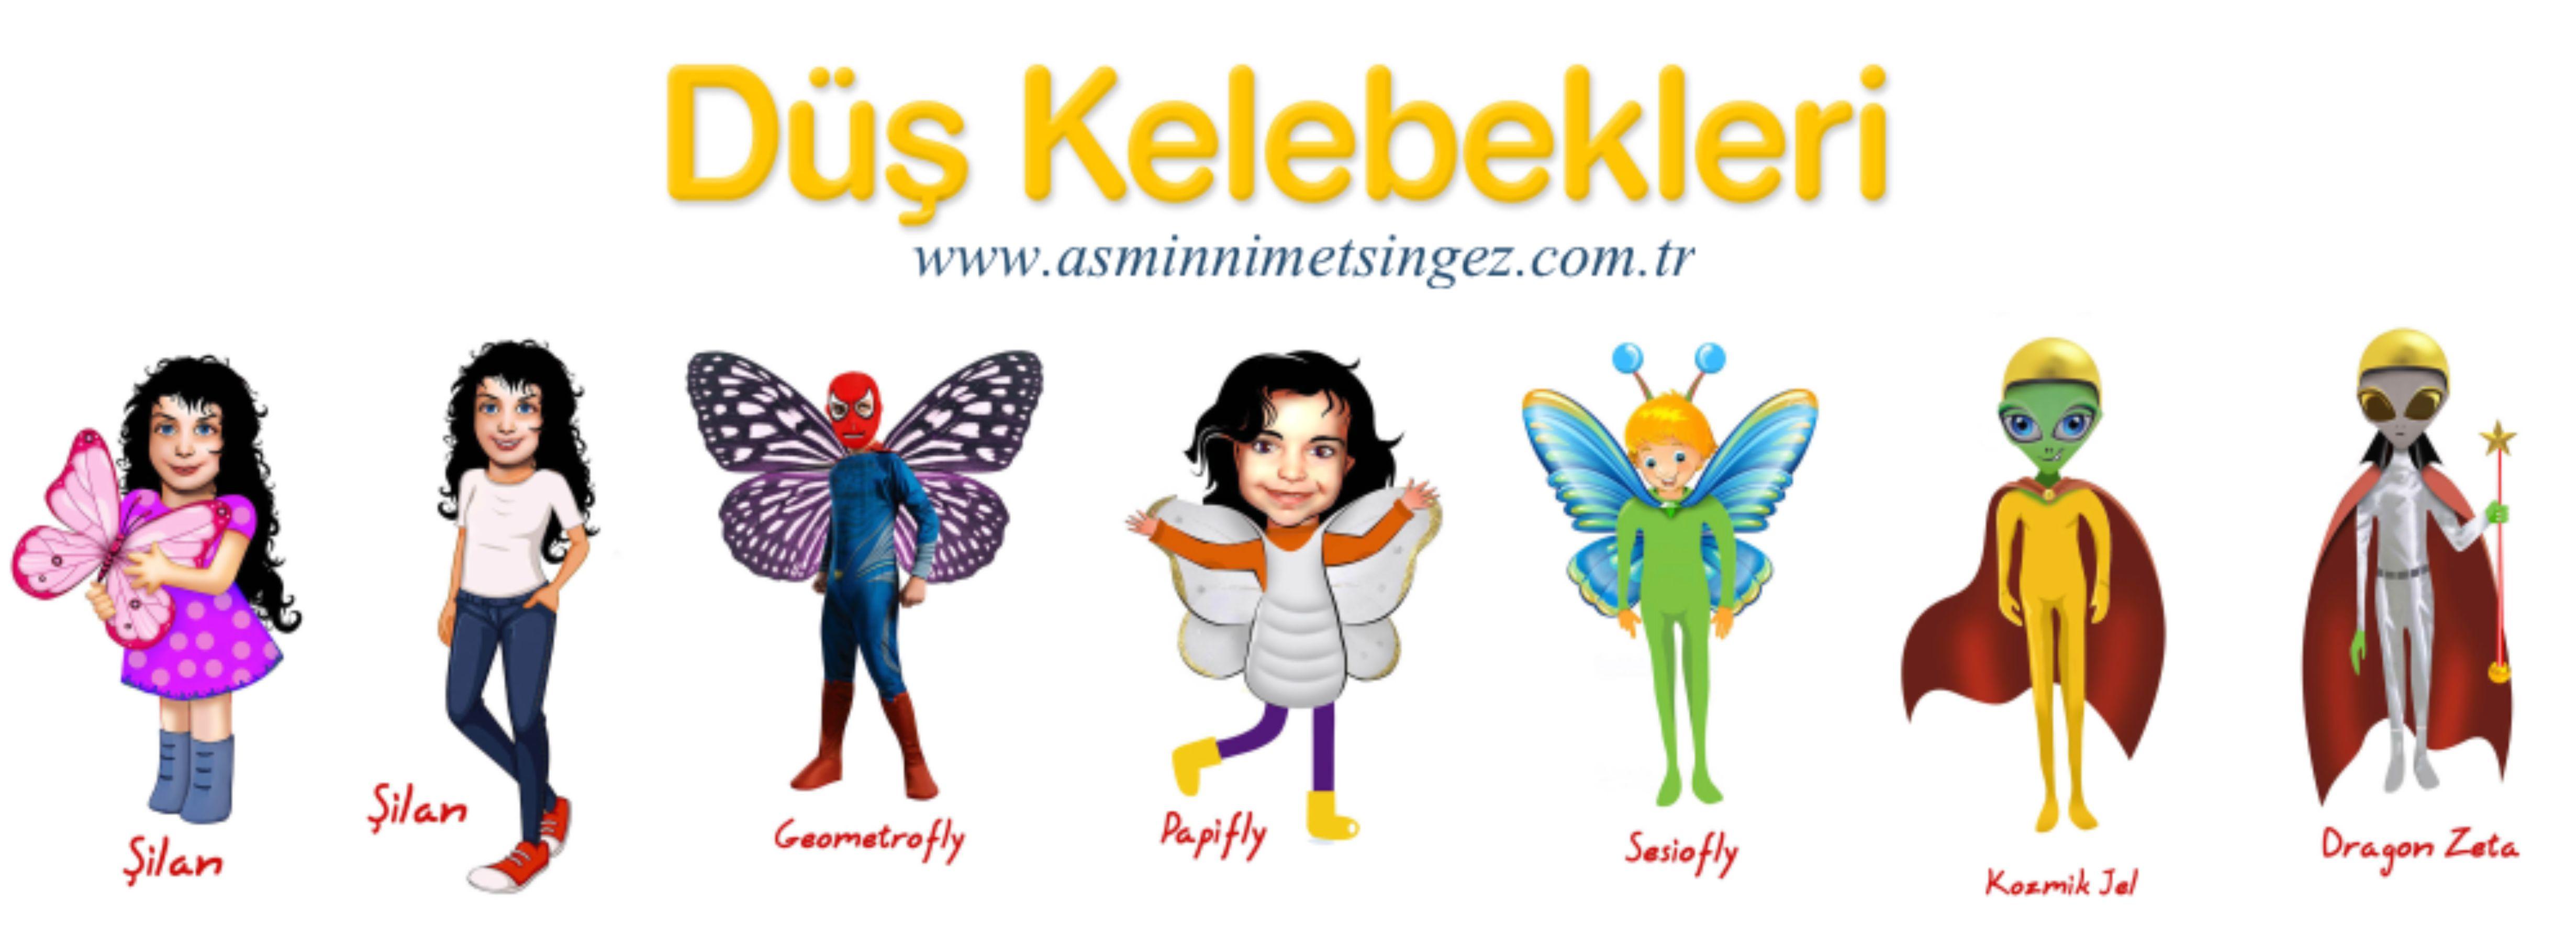 düş kelebekleri ailesi foto